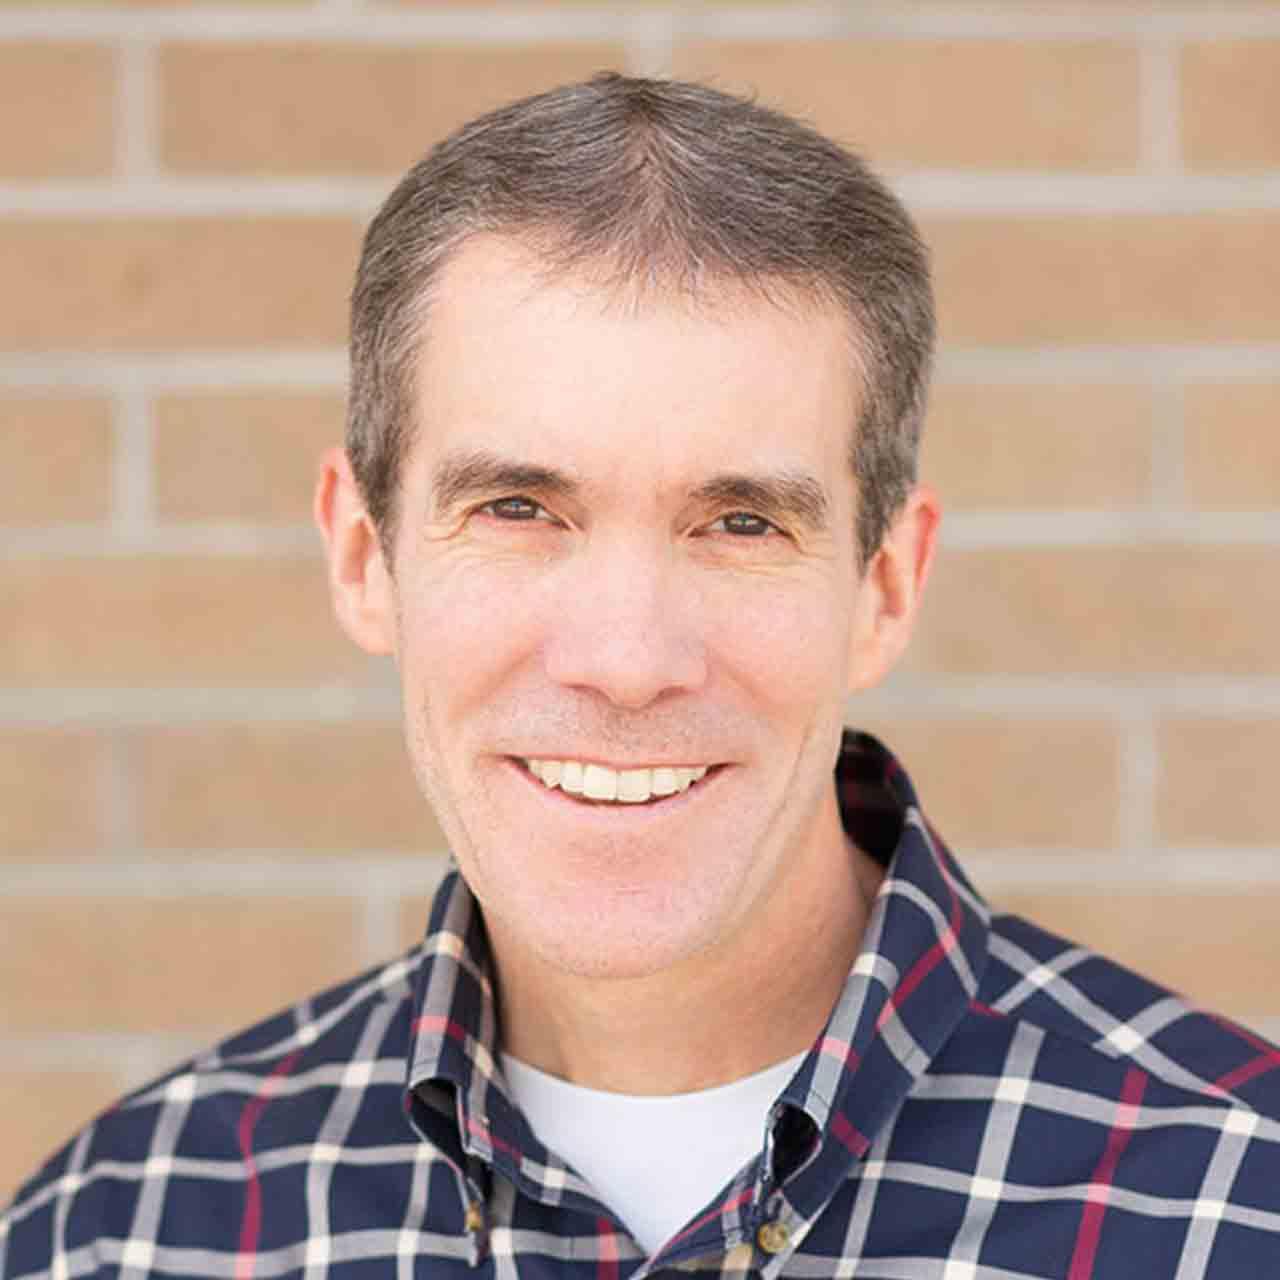 Keith Dunagan